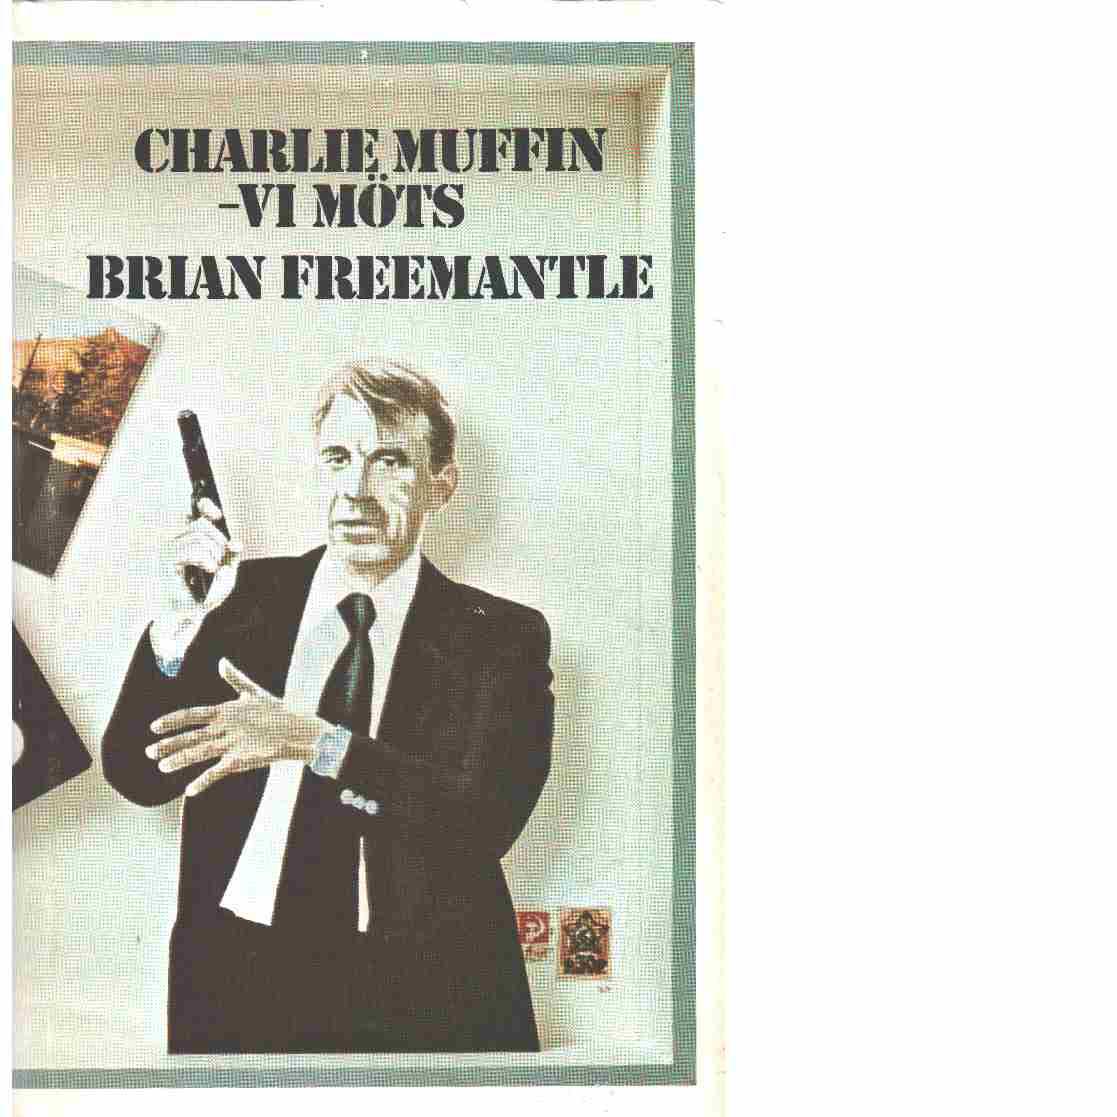 Charlie Muffin - vi möts! - Freemantle, Brian